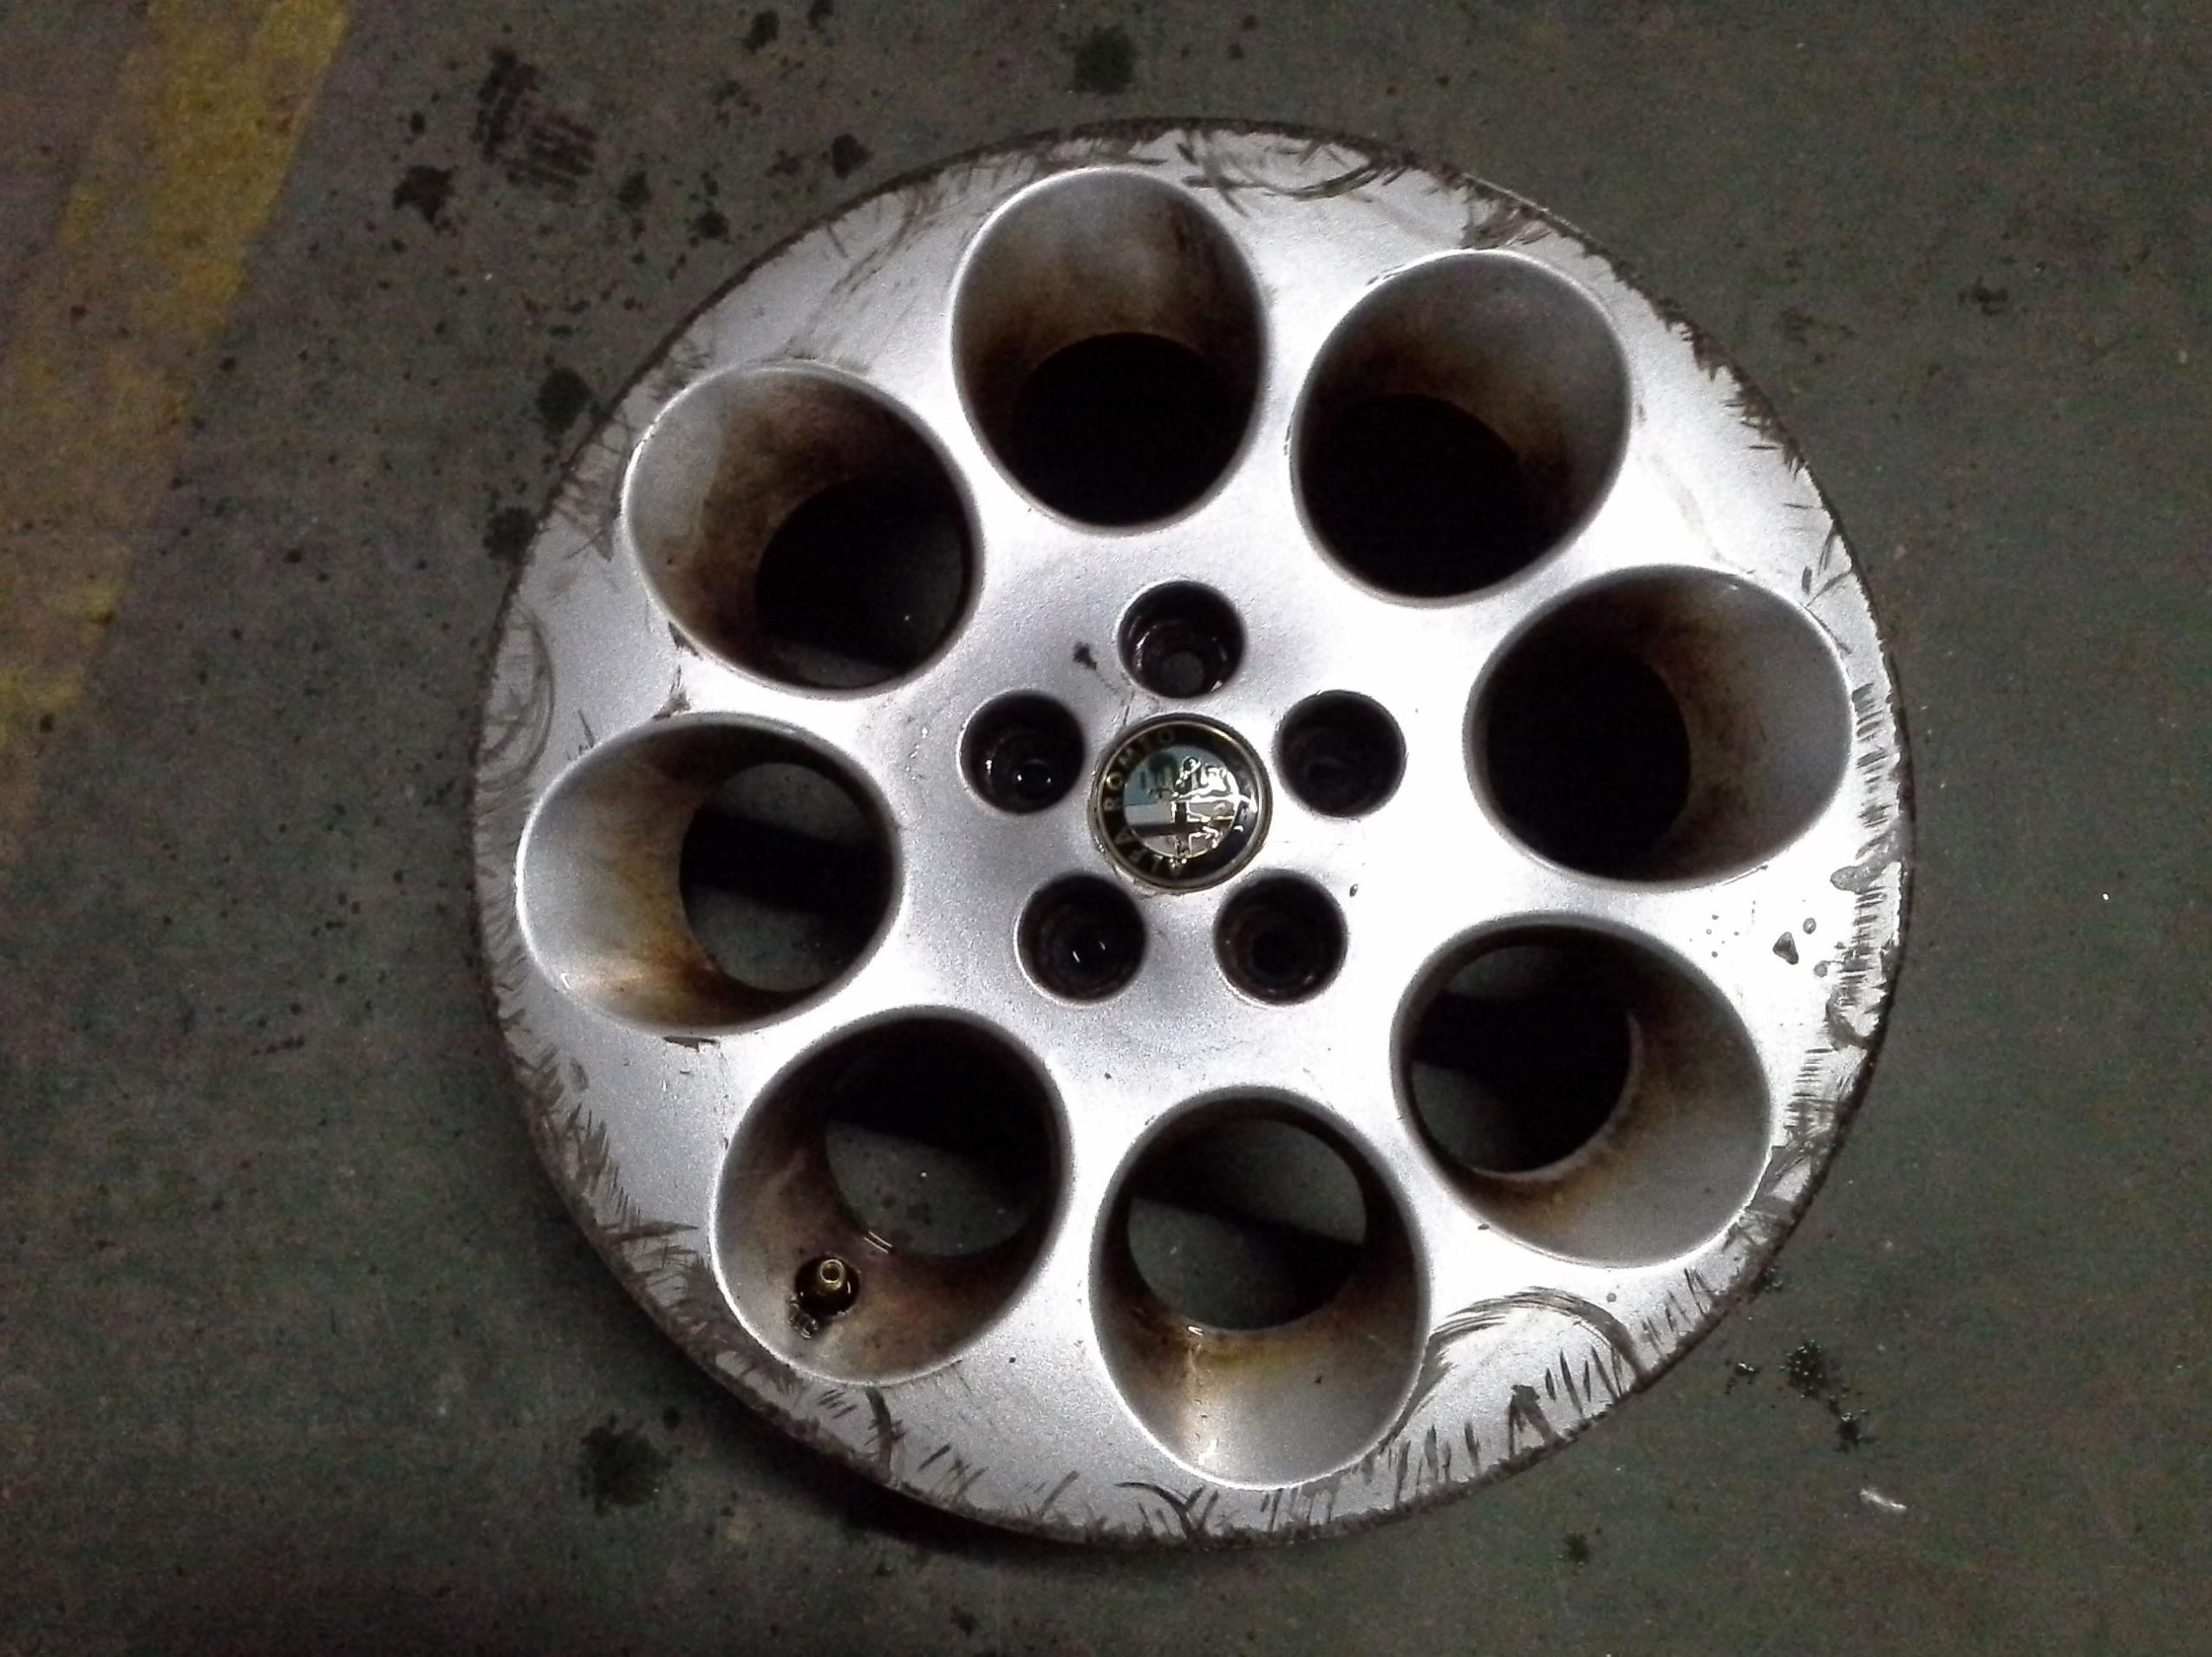 Llantas de aluminio de Alfa Romeo en R-15 de 5 tornillos en Desguaces Clemente de Albacete